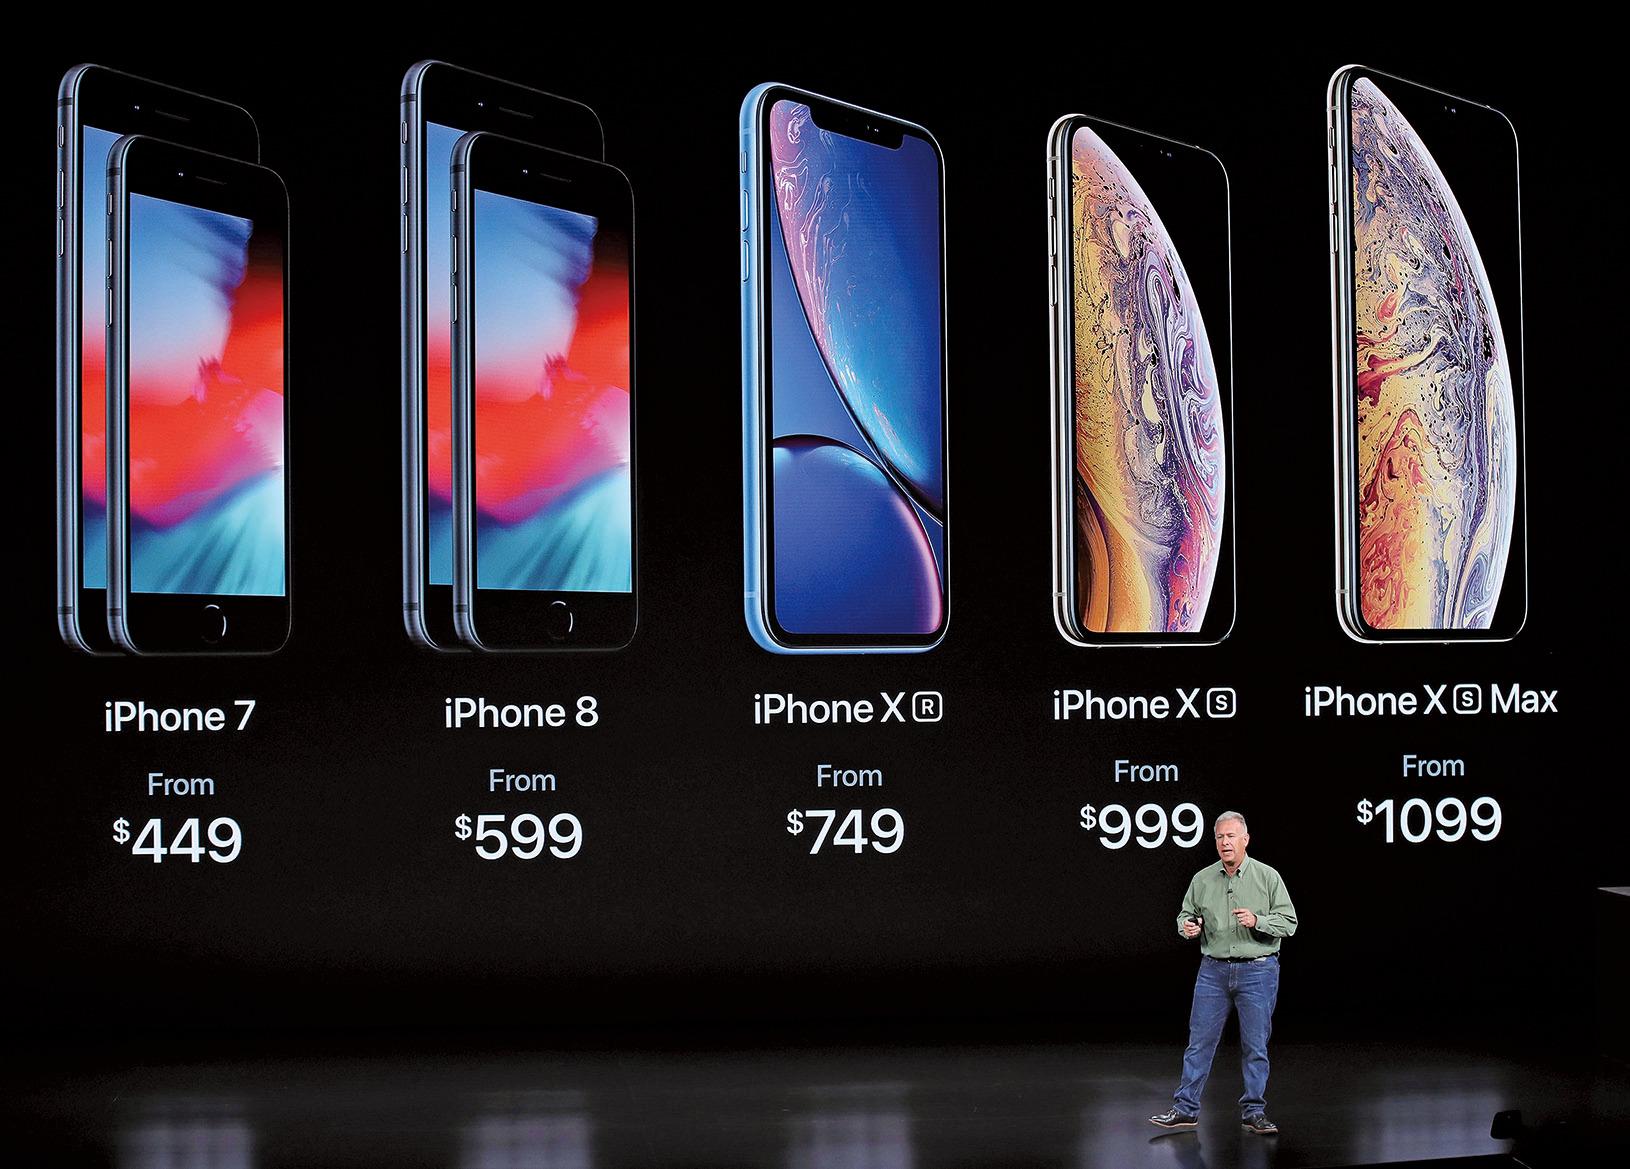 9月12日,2018年蘋果秋季新品發佈會如期舉行。在發佈會上,蘋果正式發佈新款iPhone手機。(Getty Images)